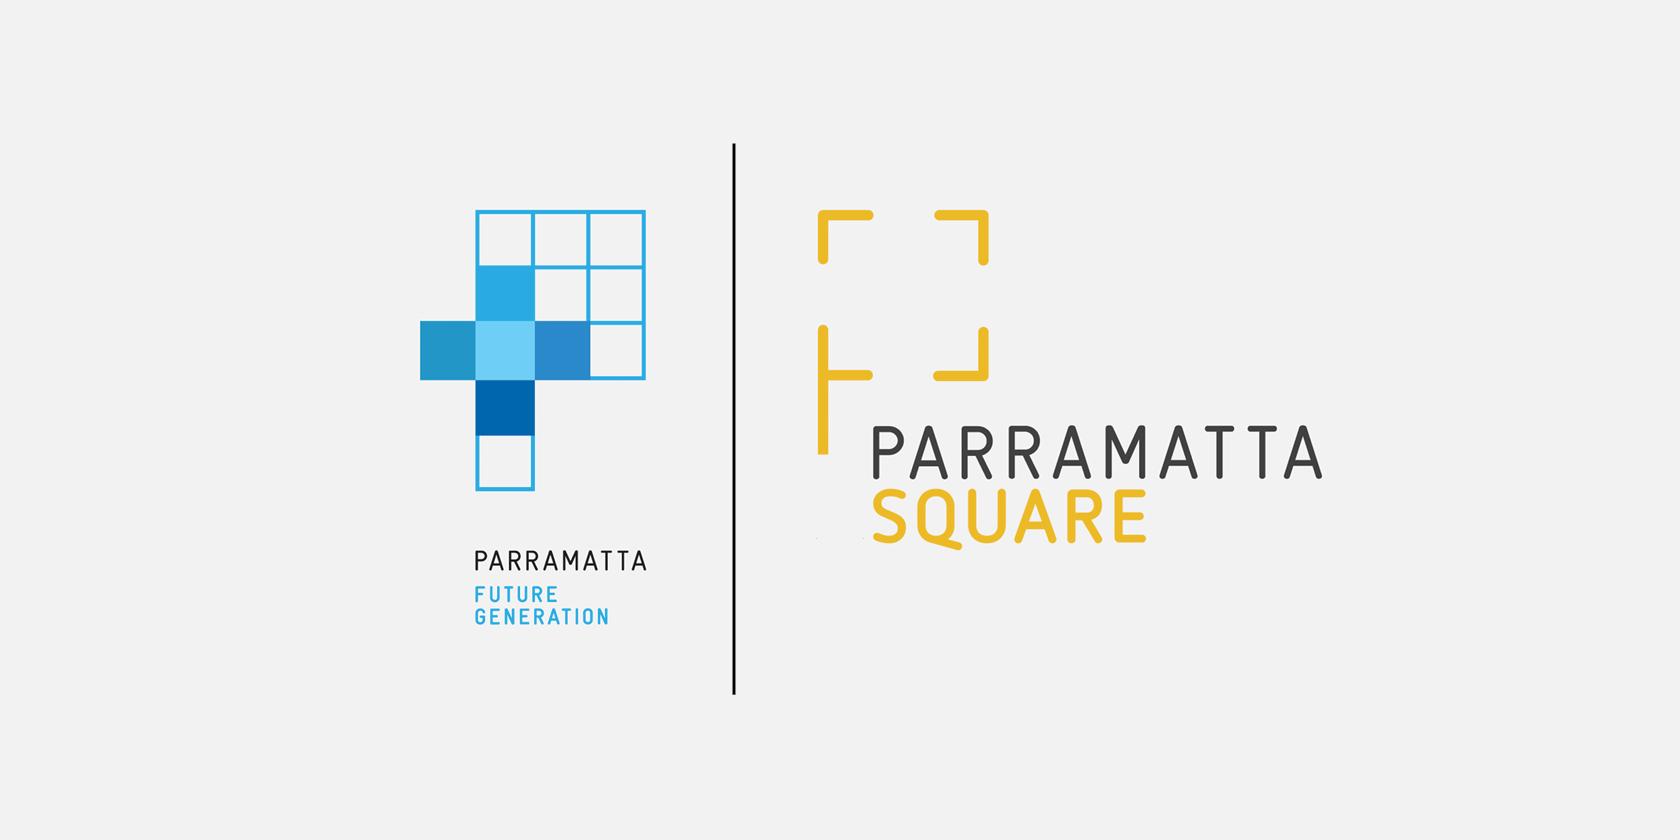 Matt_Johnson_Parramatta_01